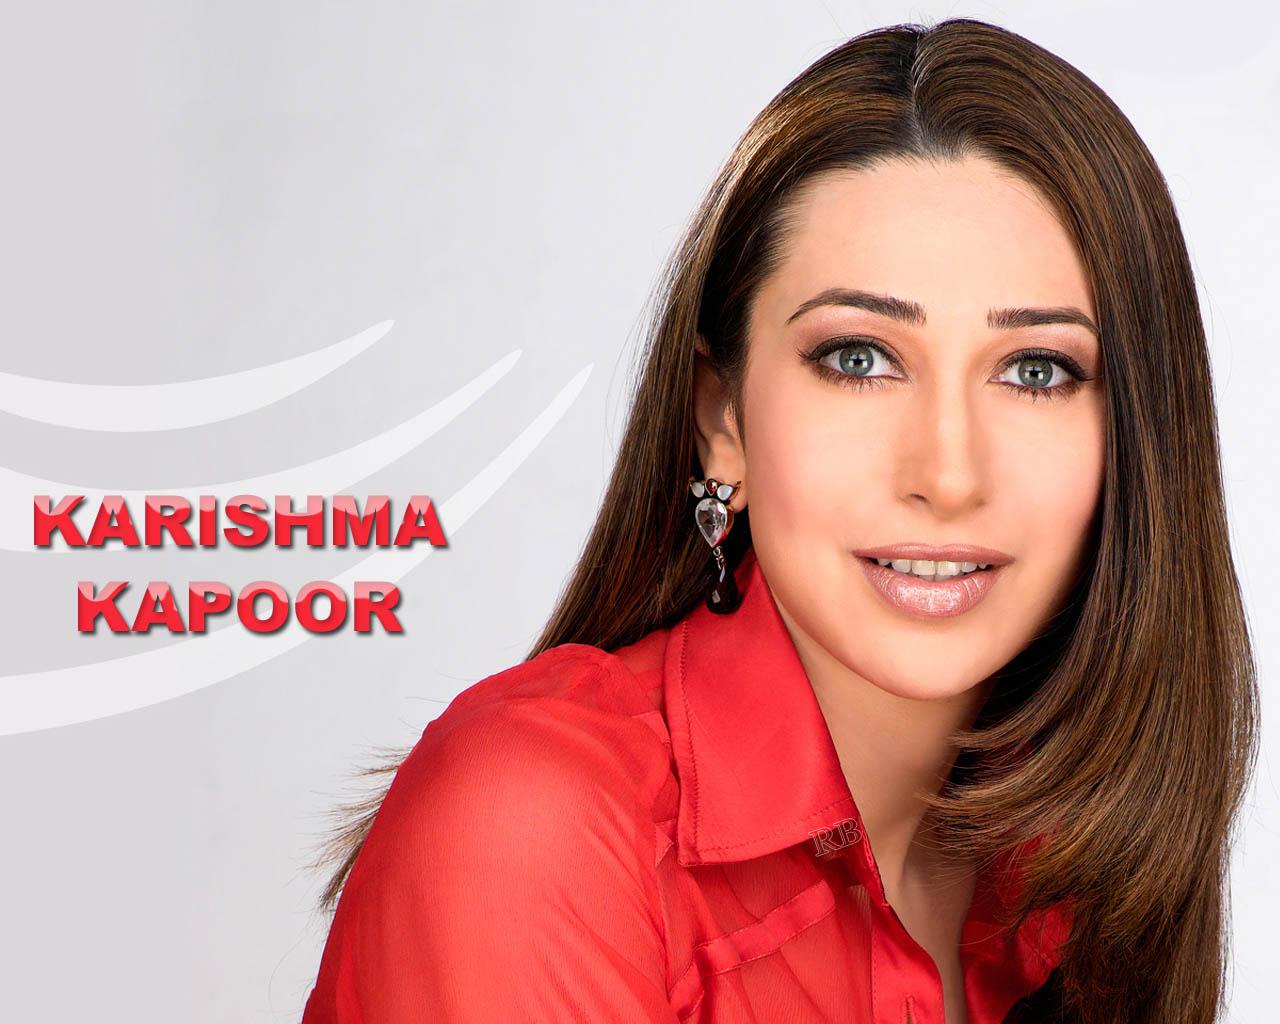 http://4.bp.blogspot.com/-tA5Ou2ZjUZg/T-P7FgrJg0I/AAAAAAAADQE/3_LupzesOJA/s1600/Karishma+Kapoor+01.jpg